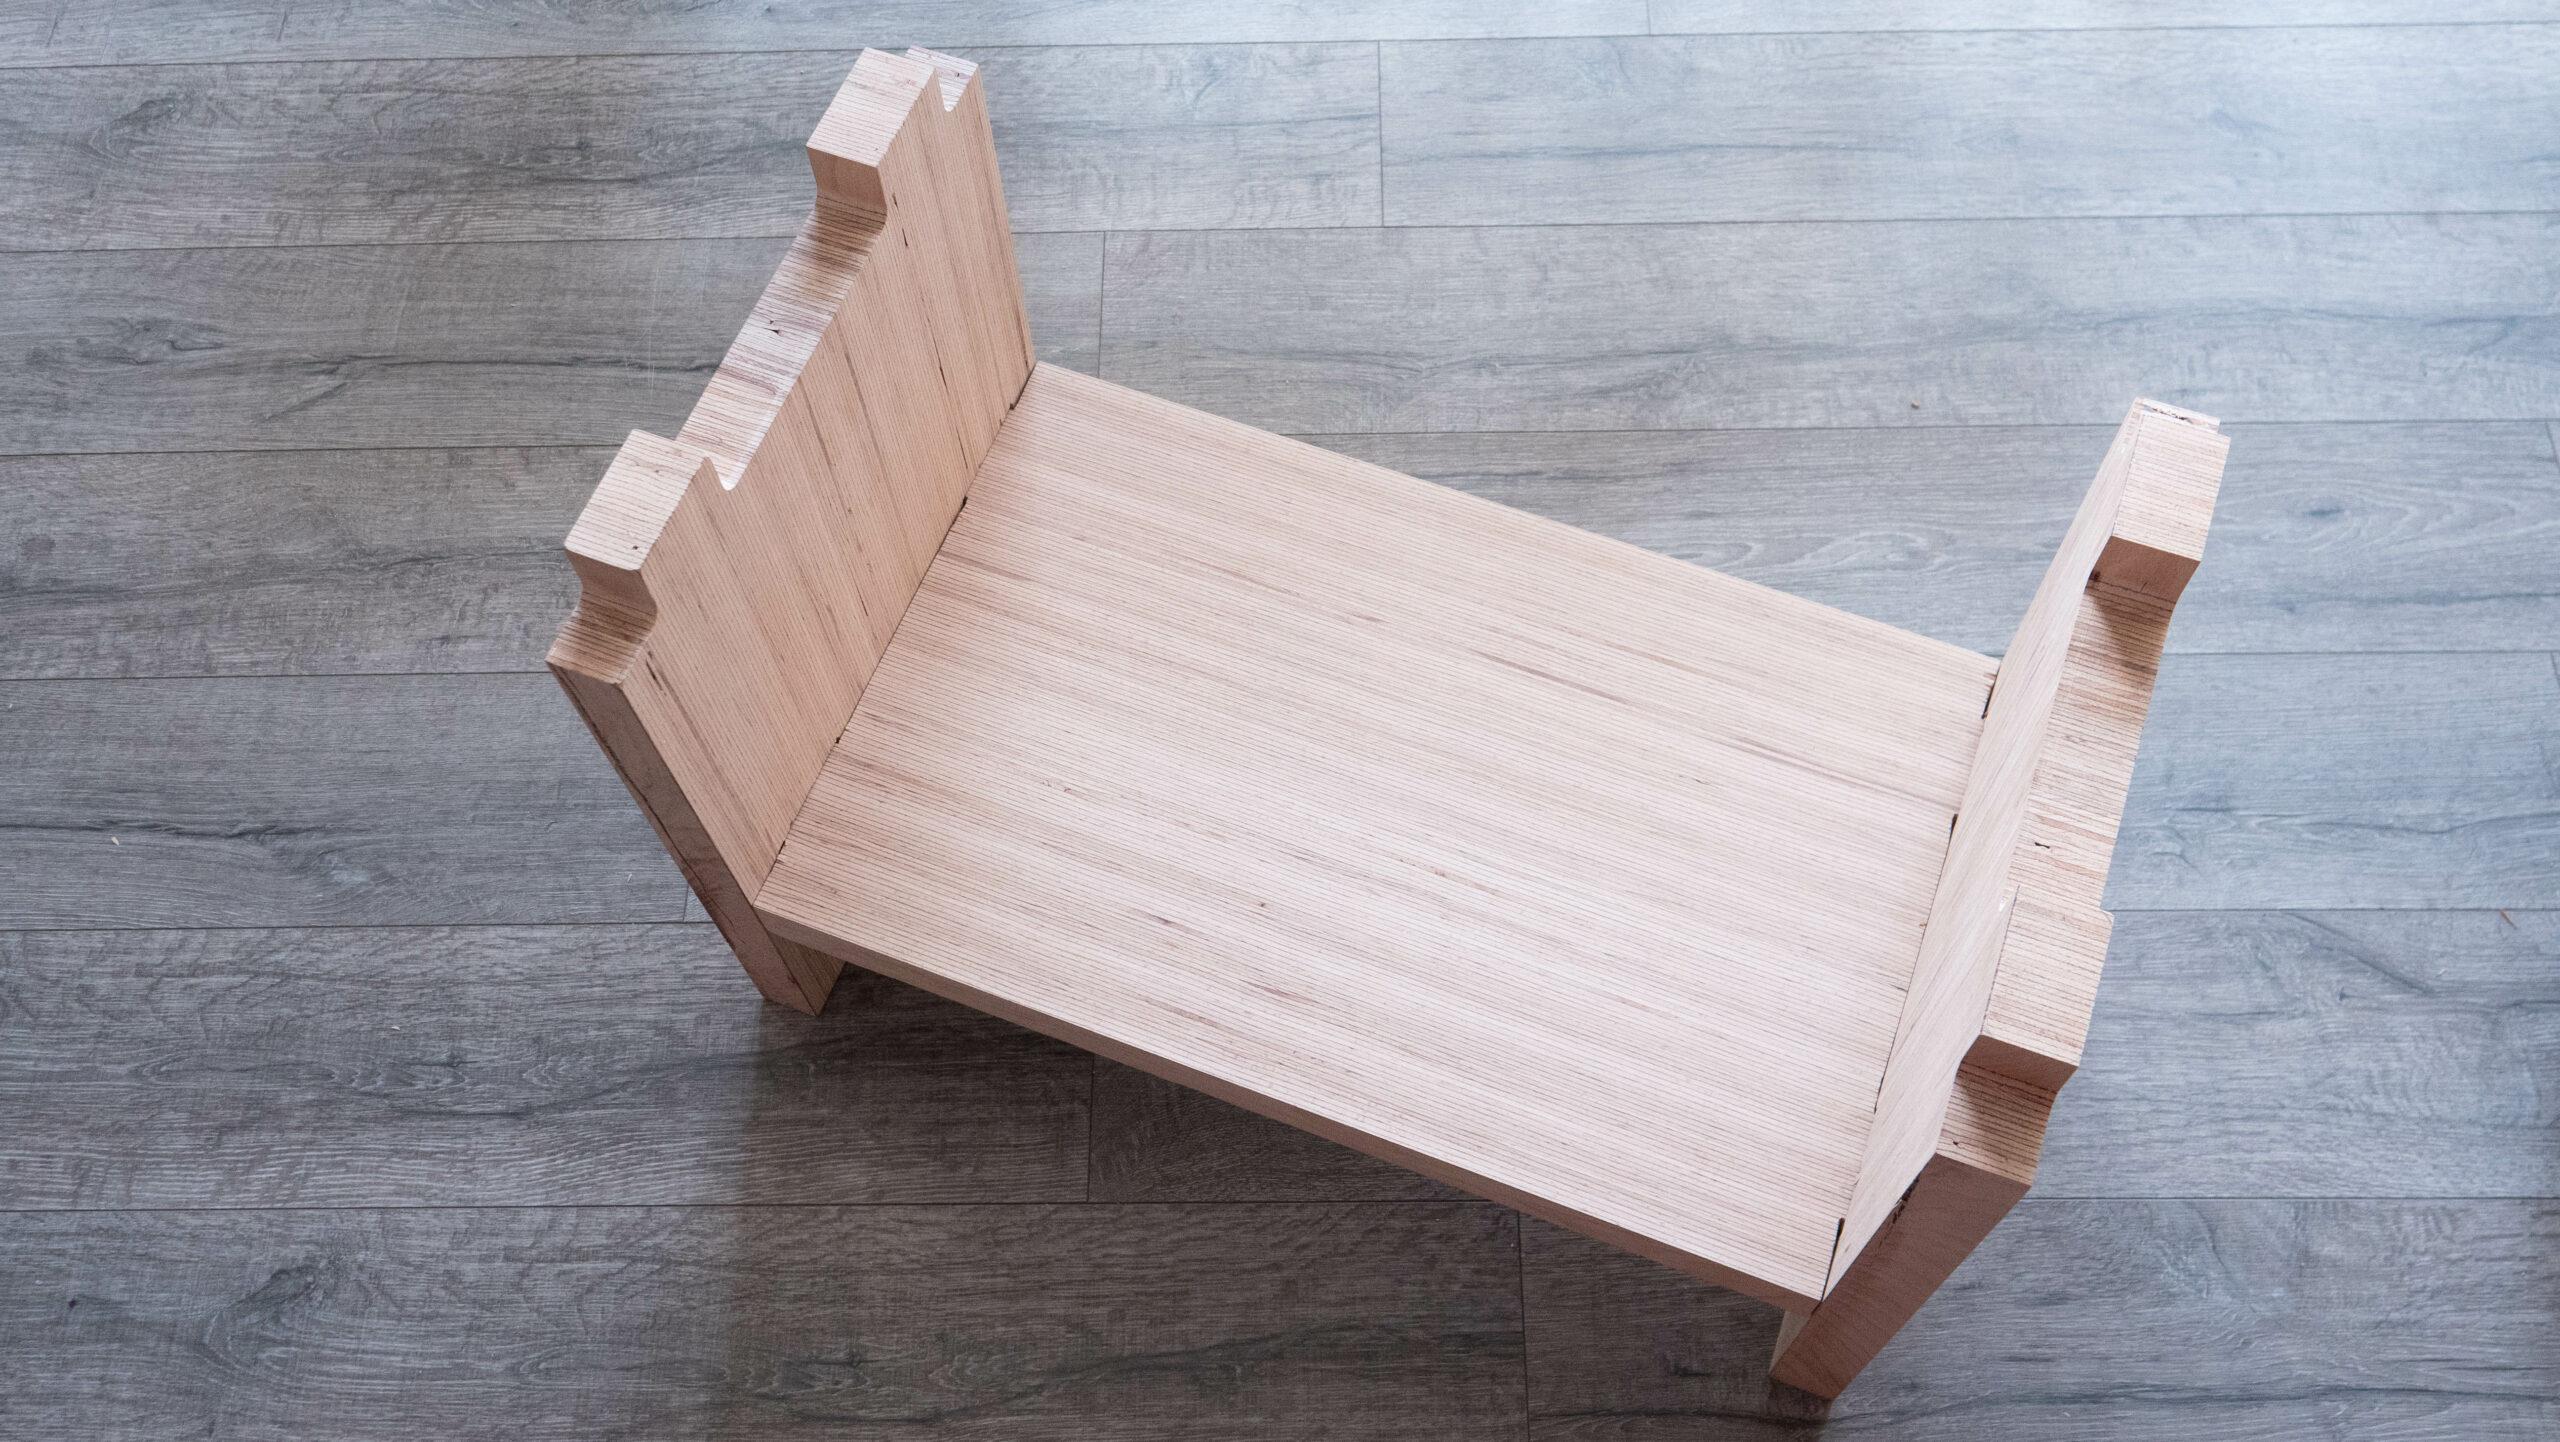 montage du banc en bois massif